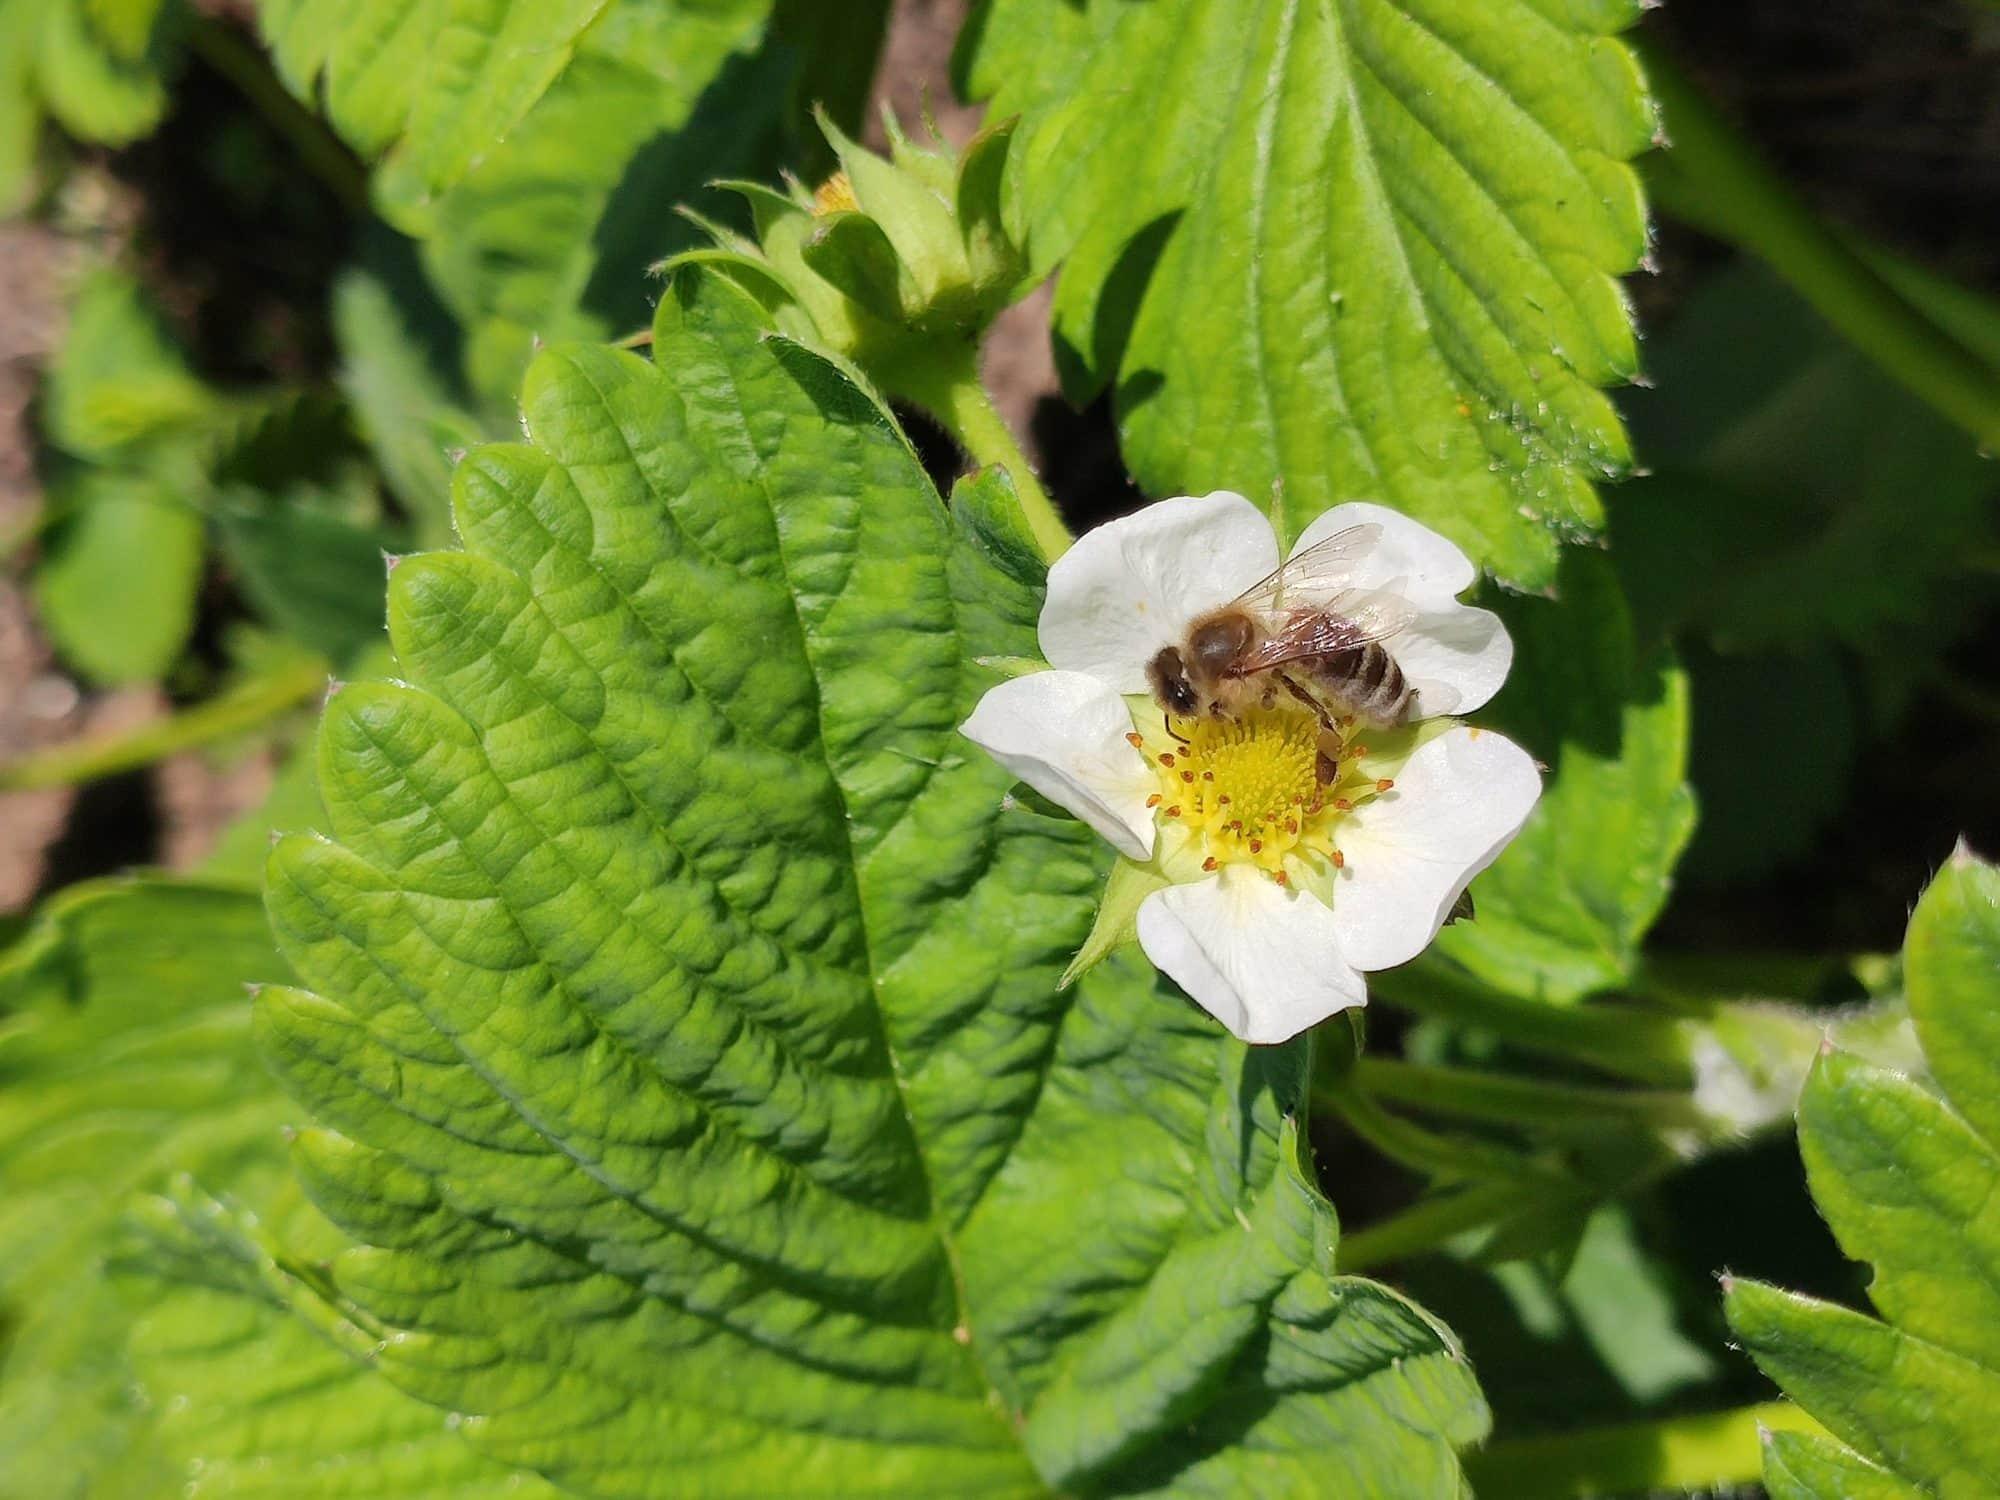 Une abeille, un pollinisateur de la famille des hyménoptères